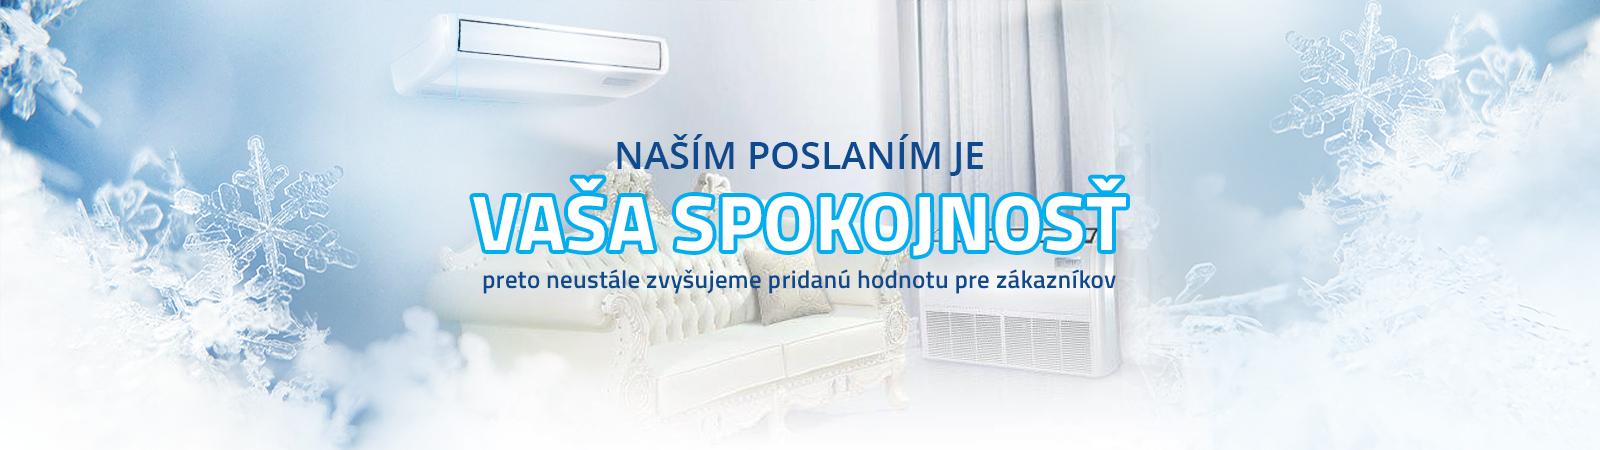 Klimaservisit.sk